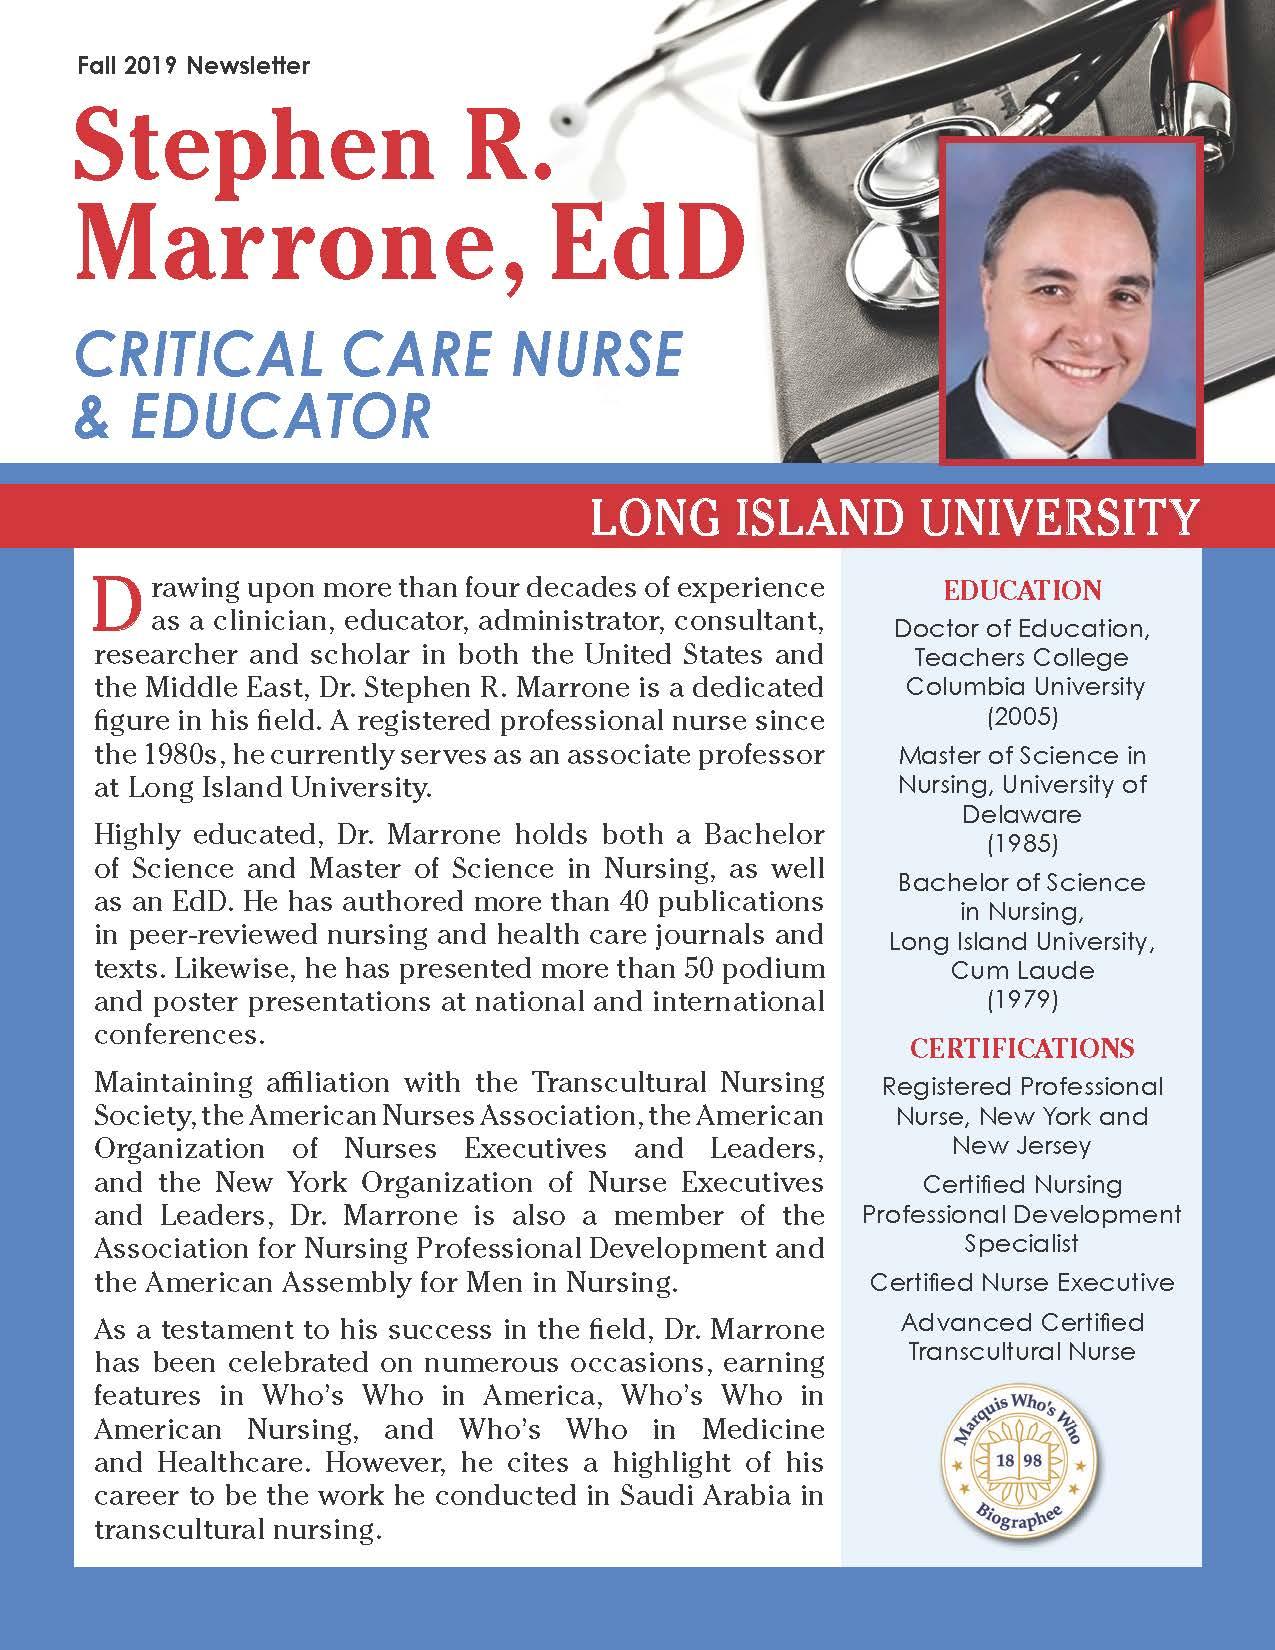 Marrone, Stephen 4142104_27434992 Newsletter